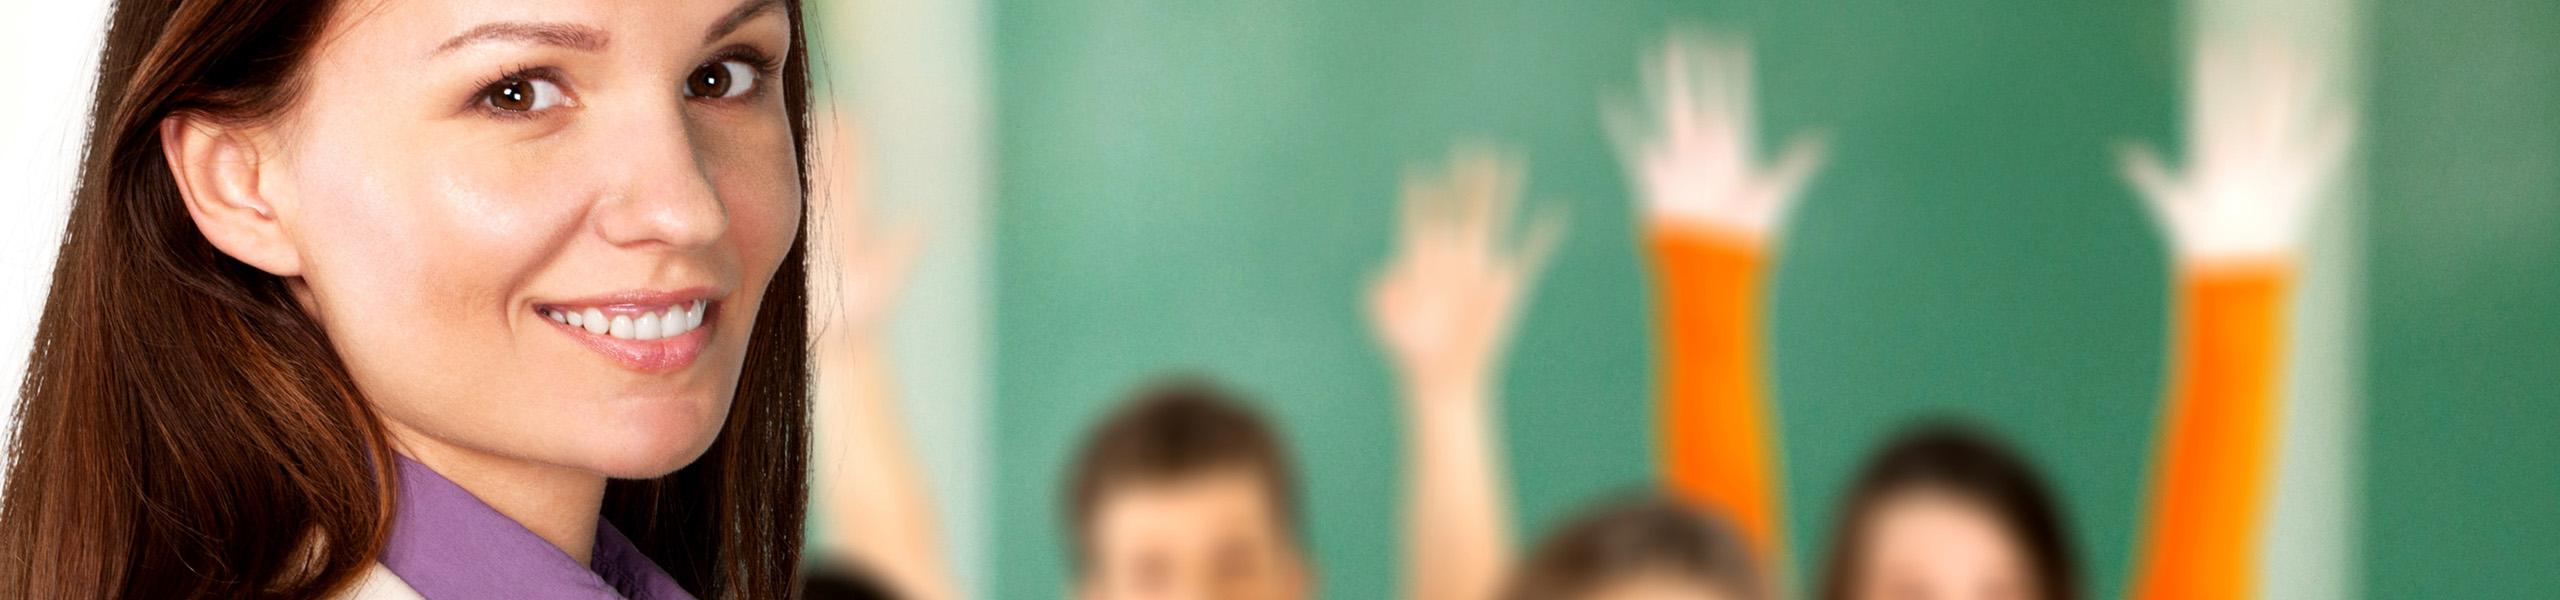 Formação Pedagógica para graduados não licenciadosExpanda a sua atuação profissional